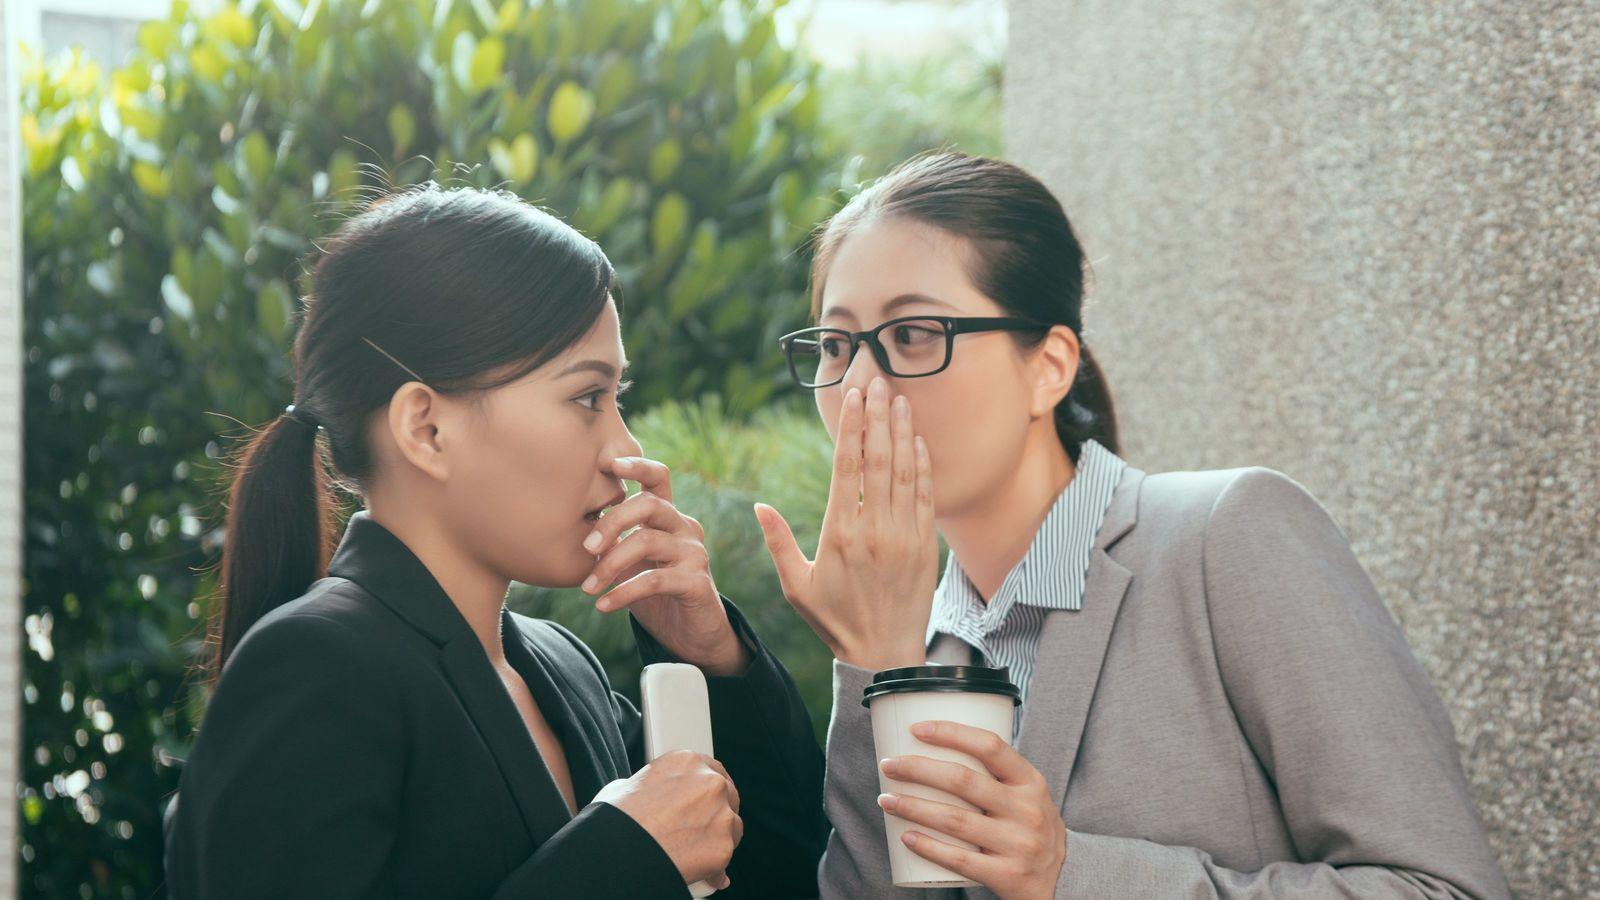 口が軽い人が「誰にも言わないで」を無視する訳 口が堅い人は先のことまで考える